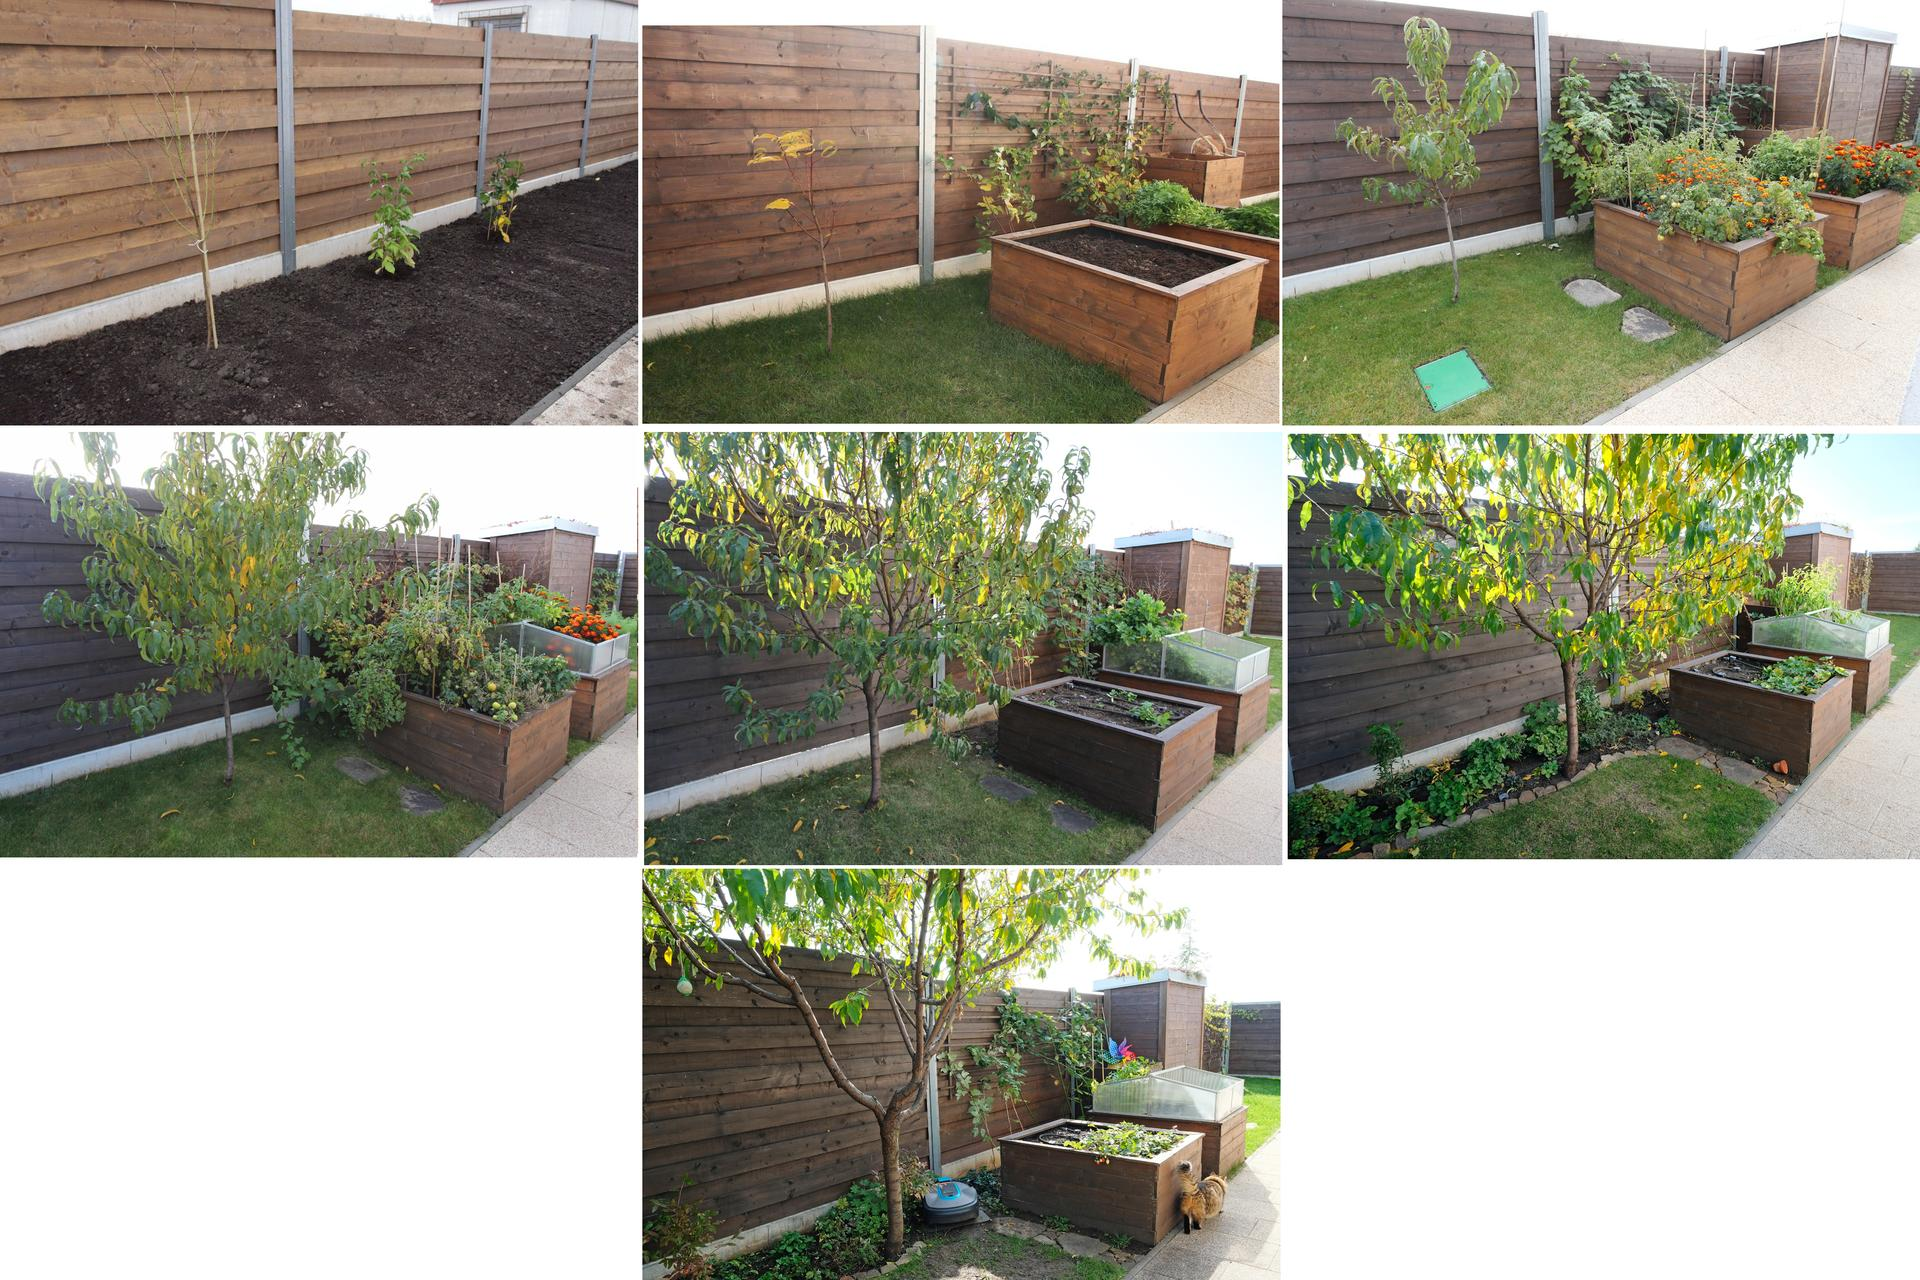 Naša záhradka 2020 - Rijen 2014 - rijen 2020